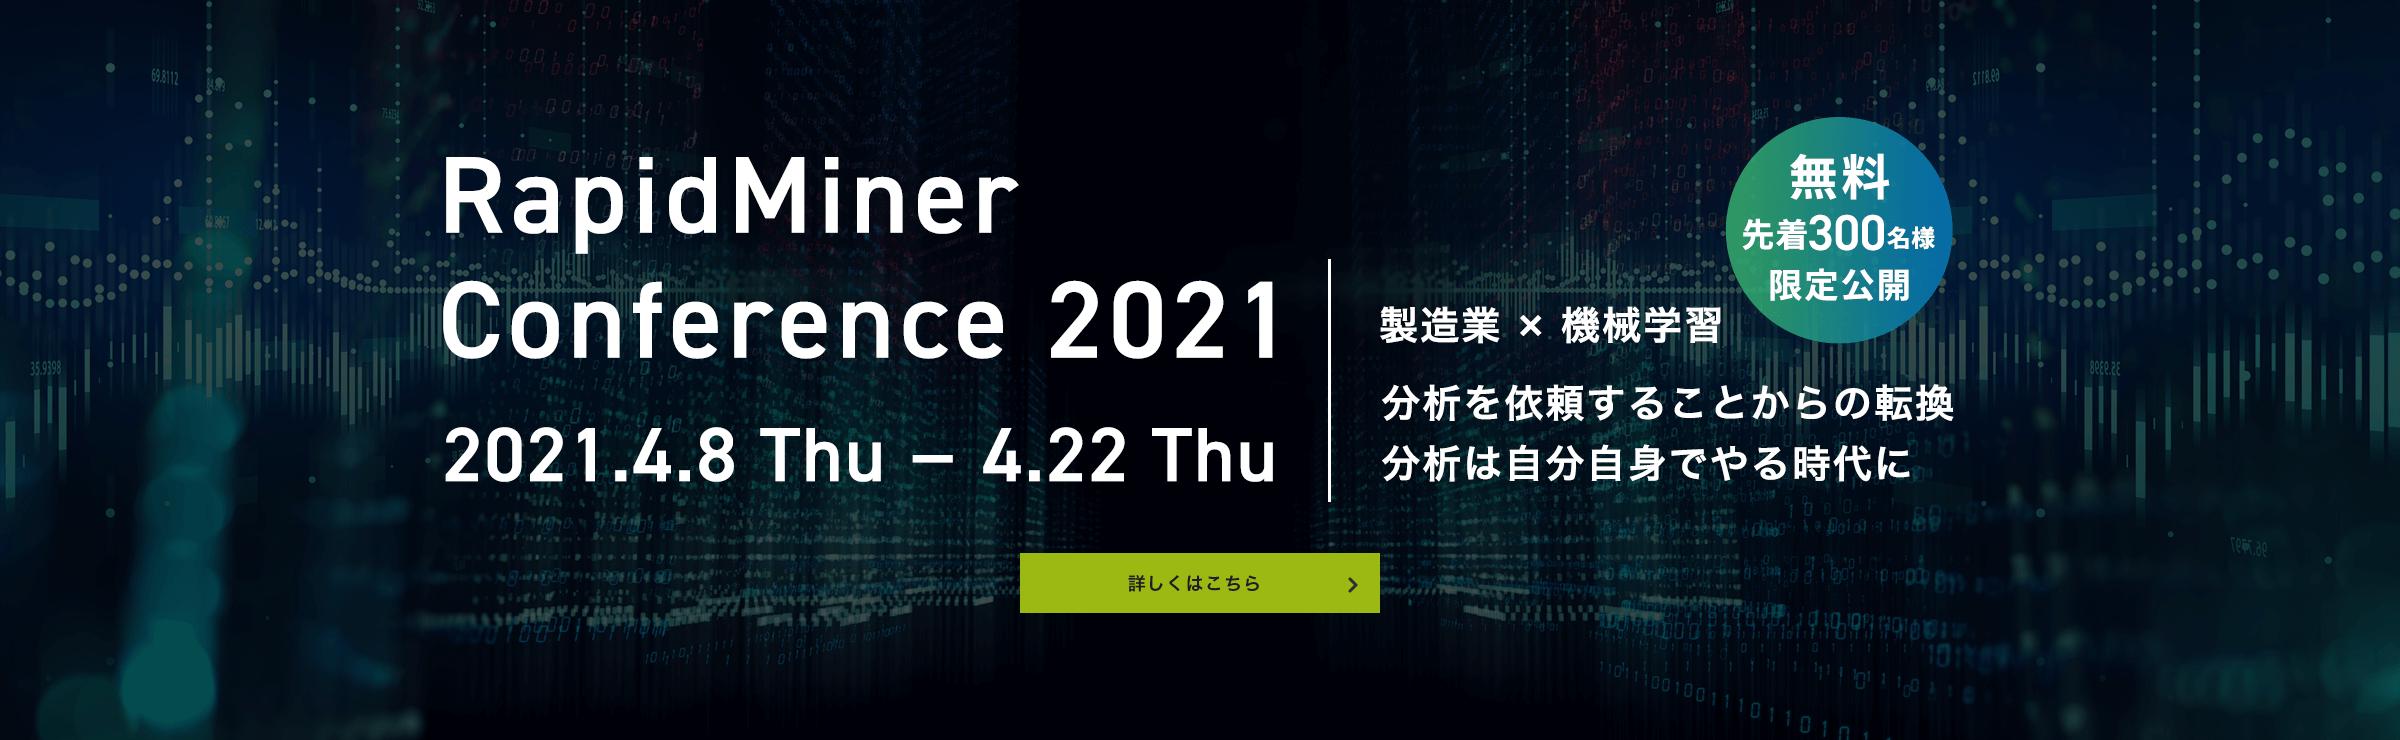 RapidMiner Conference2021 製造業×機械学習 2021/4/8~~/22開催